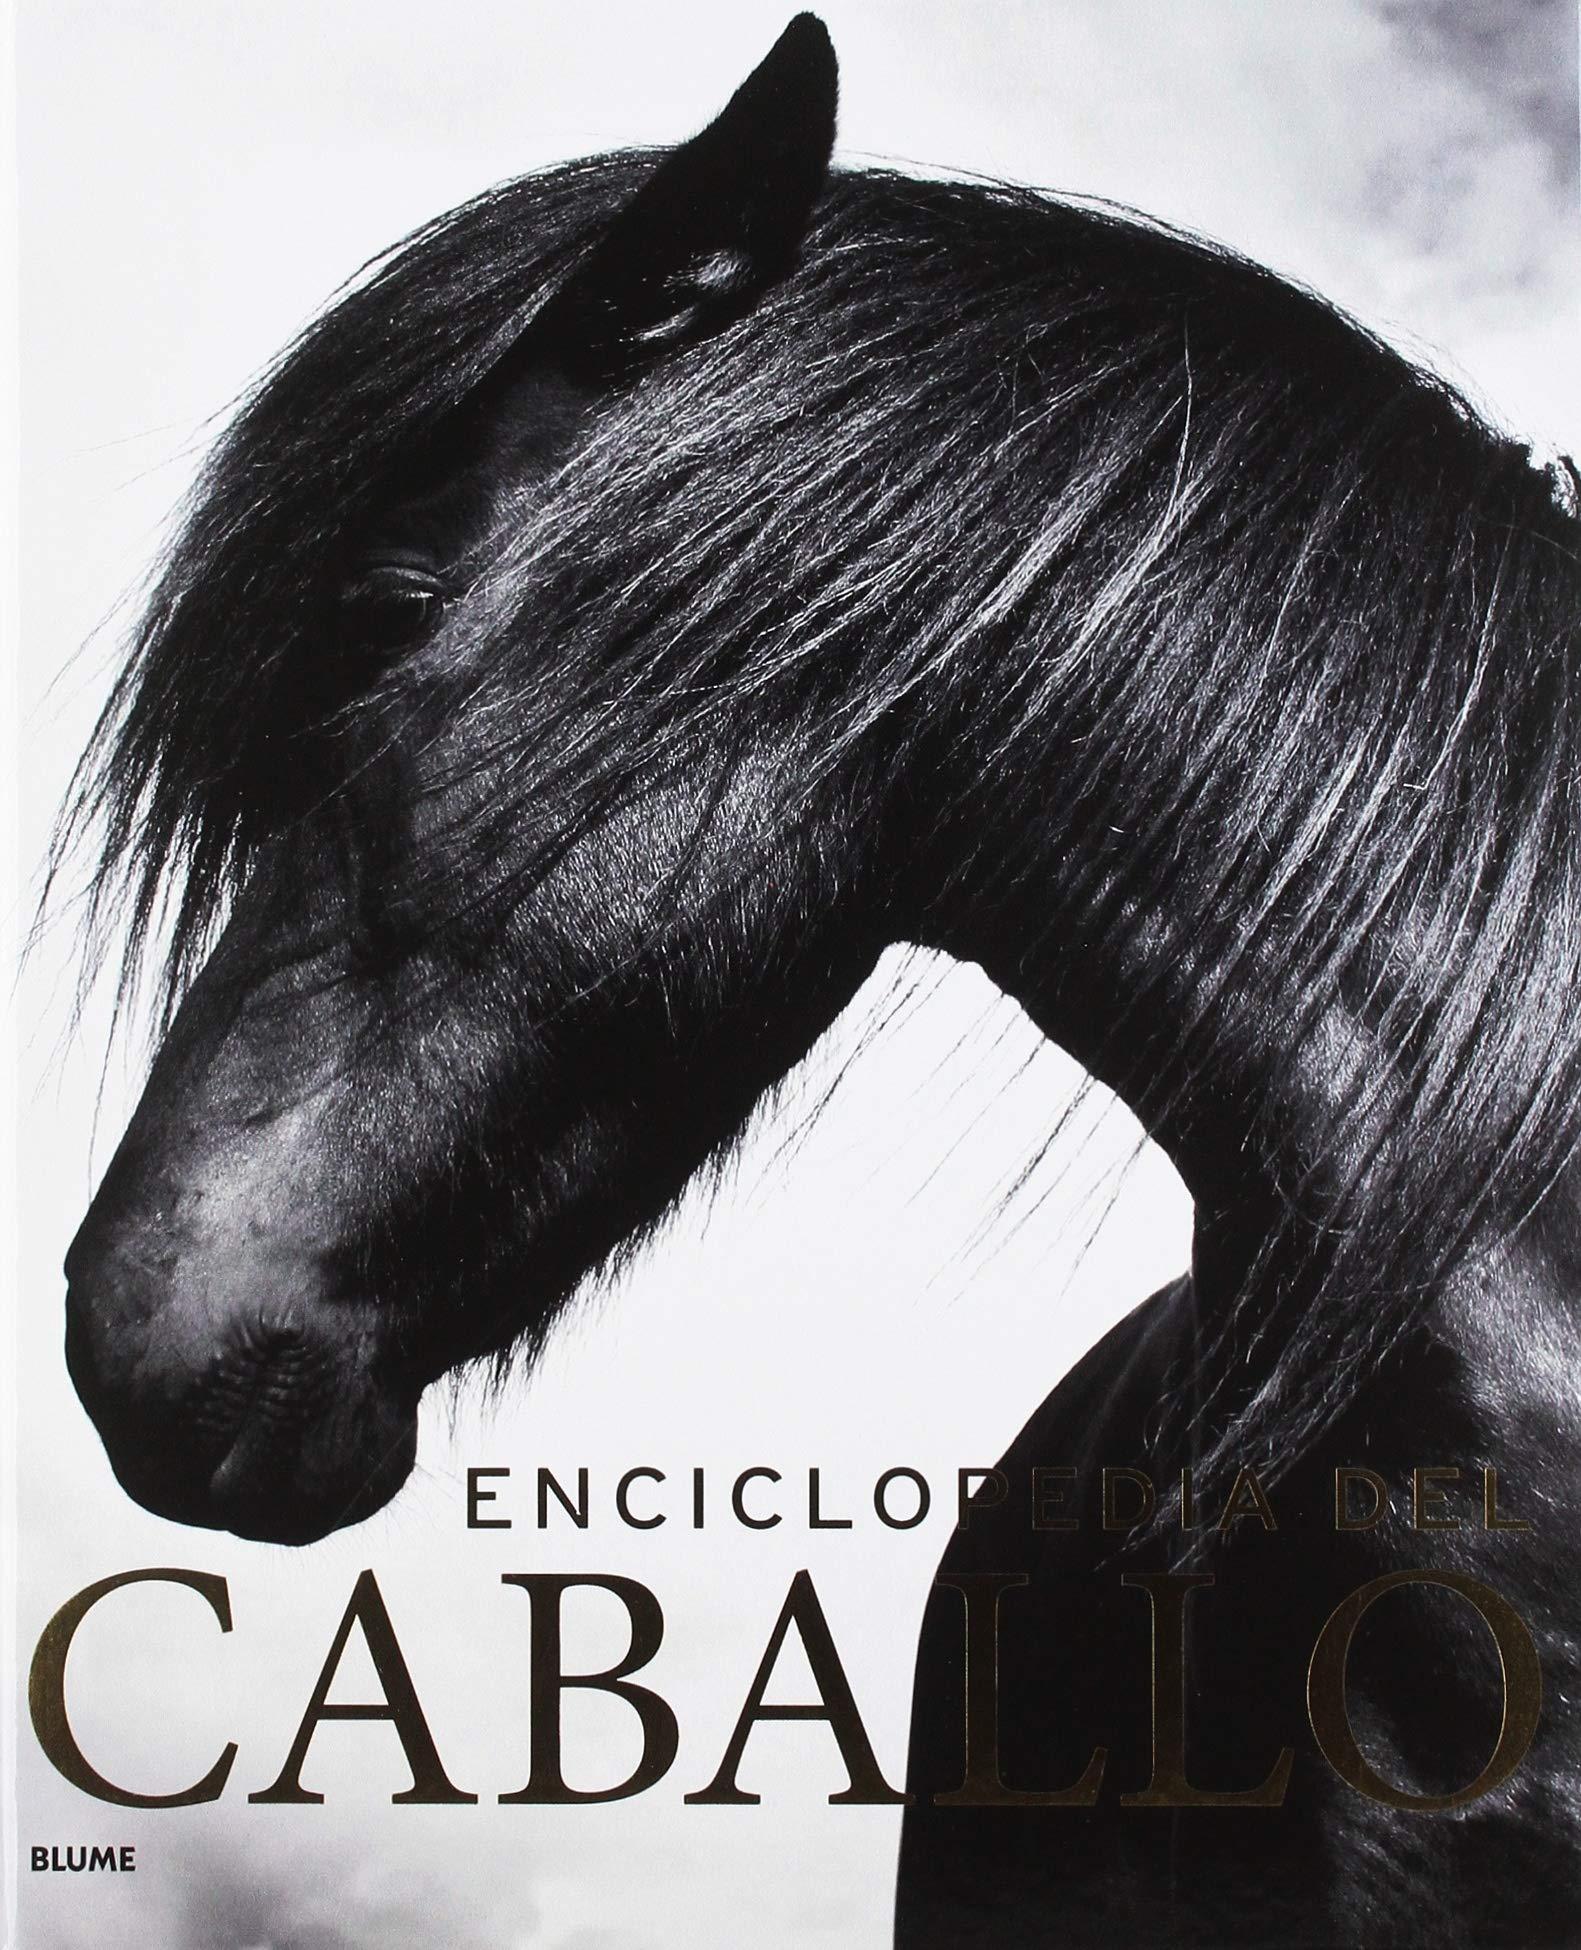 Enciclopedia del caballo de VV.AA.